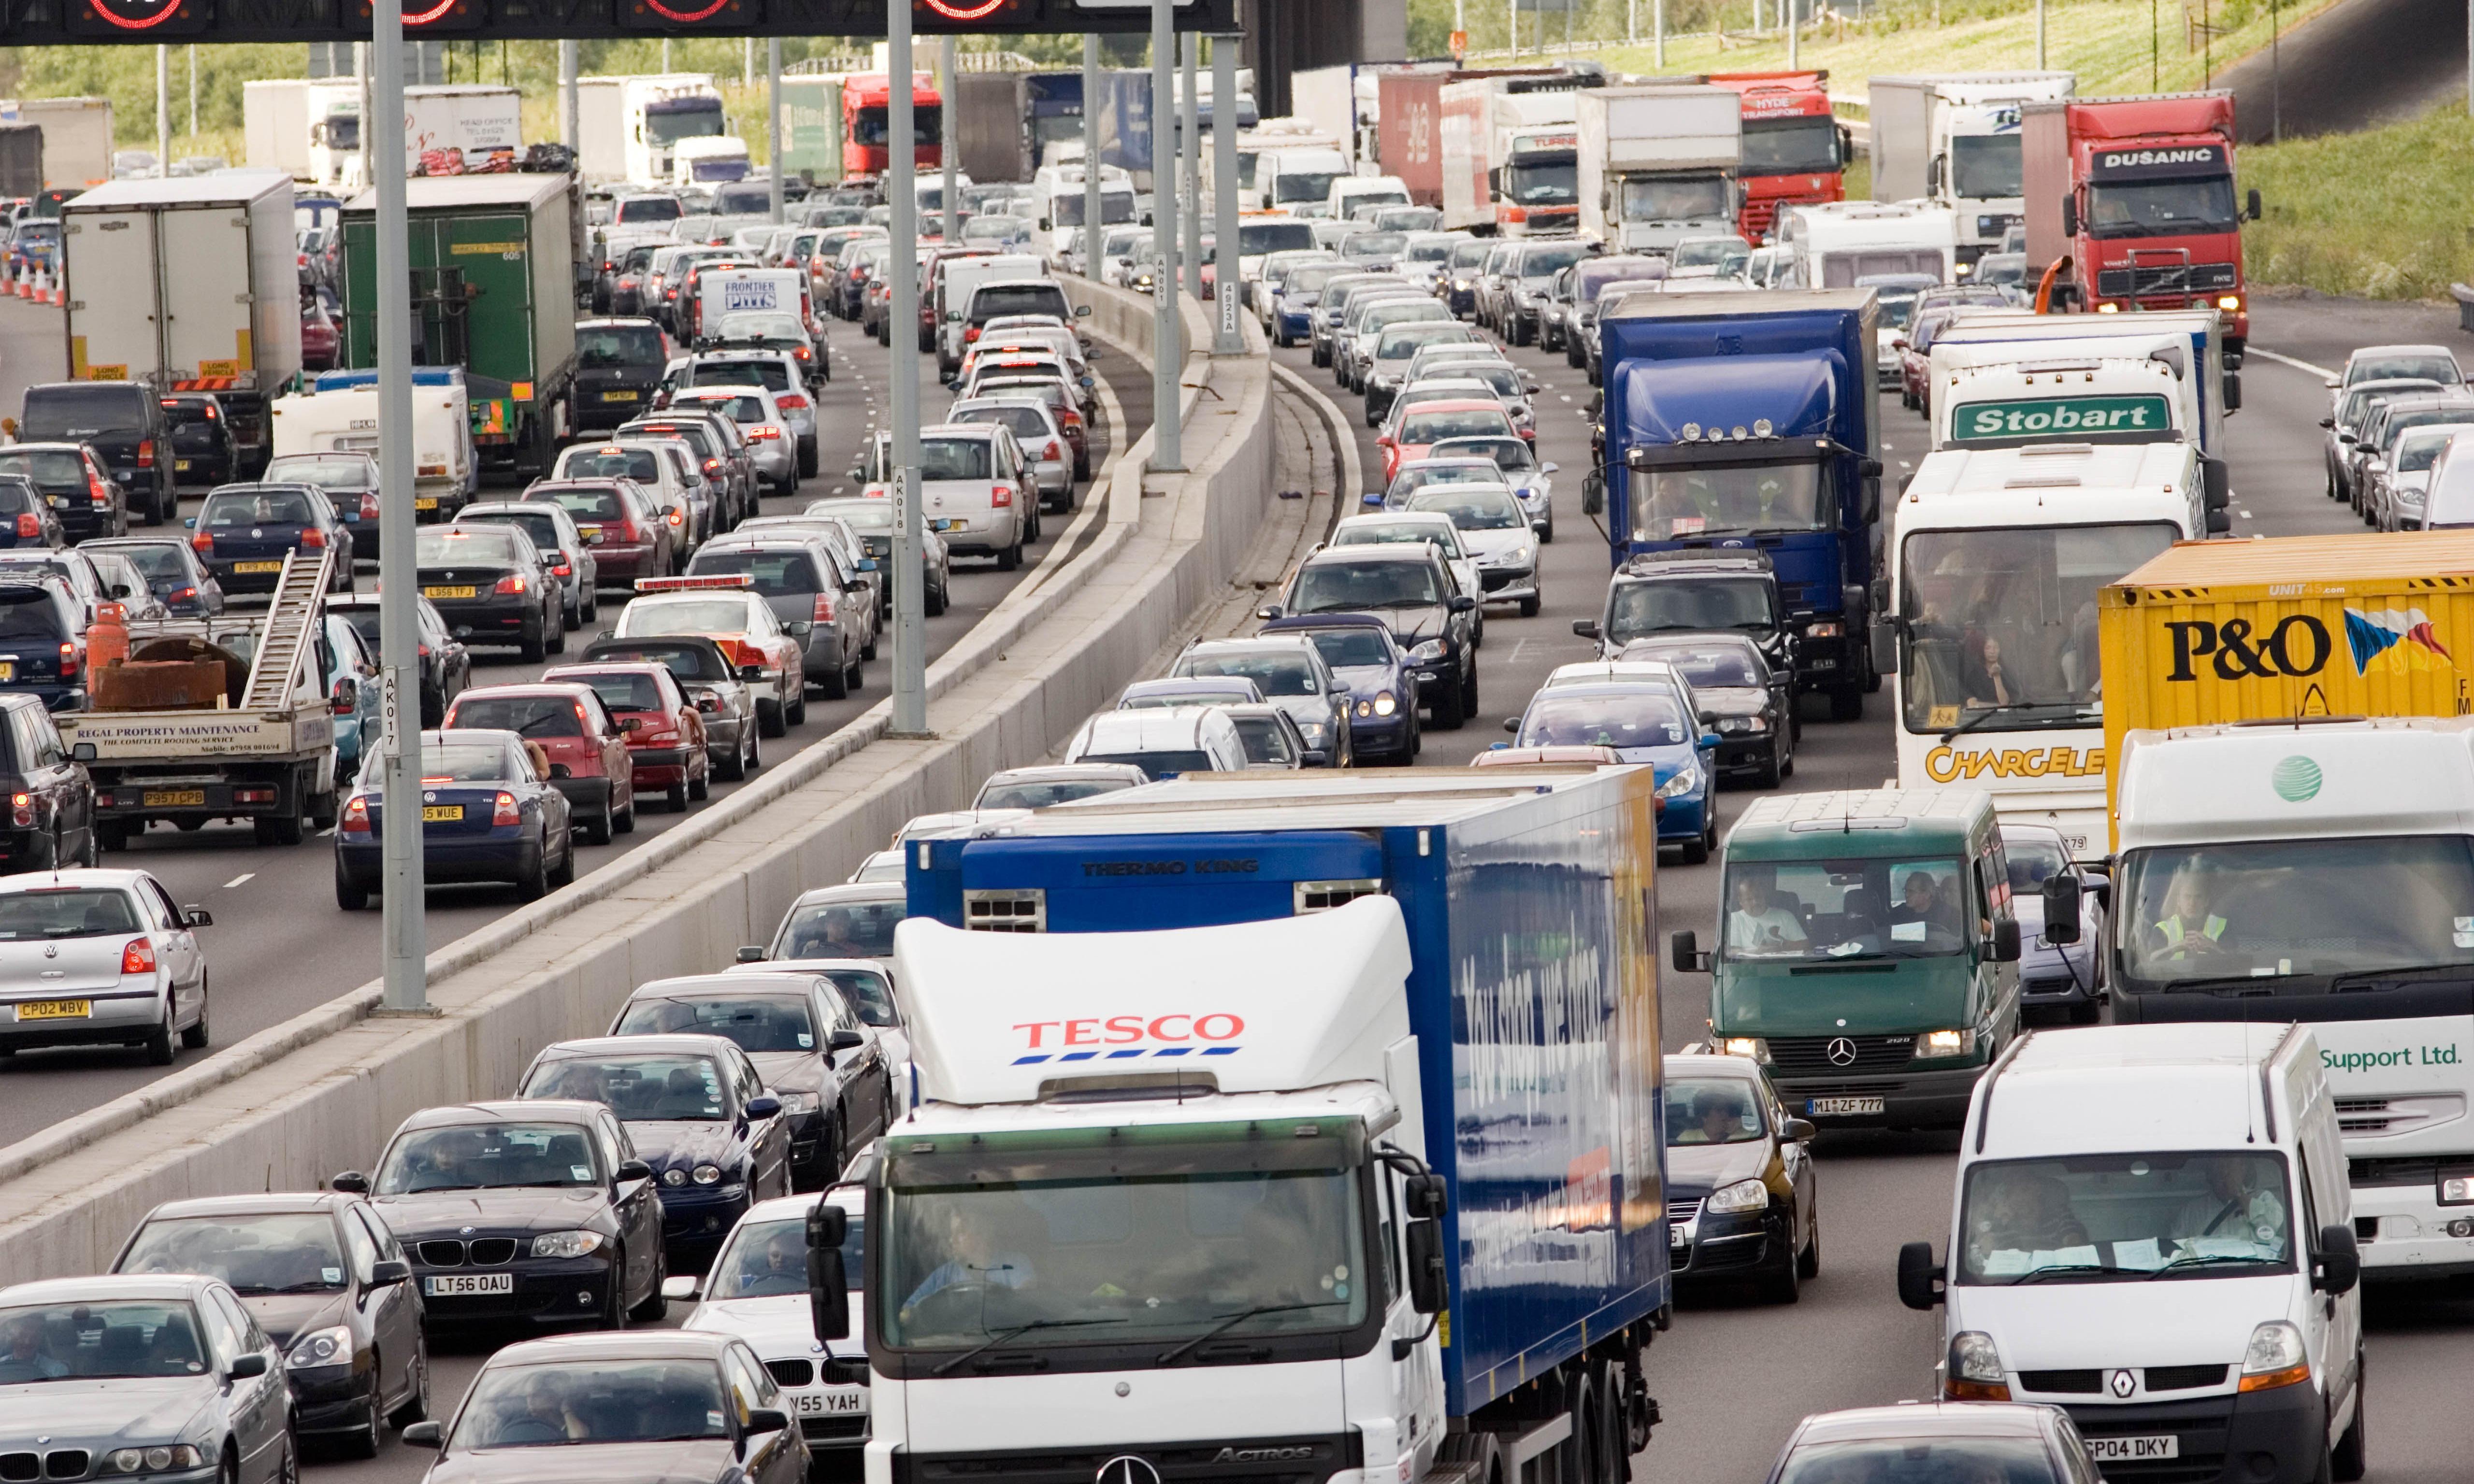 Traffic jams and rail closures to disrupt bank holiday travel